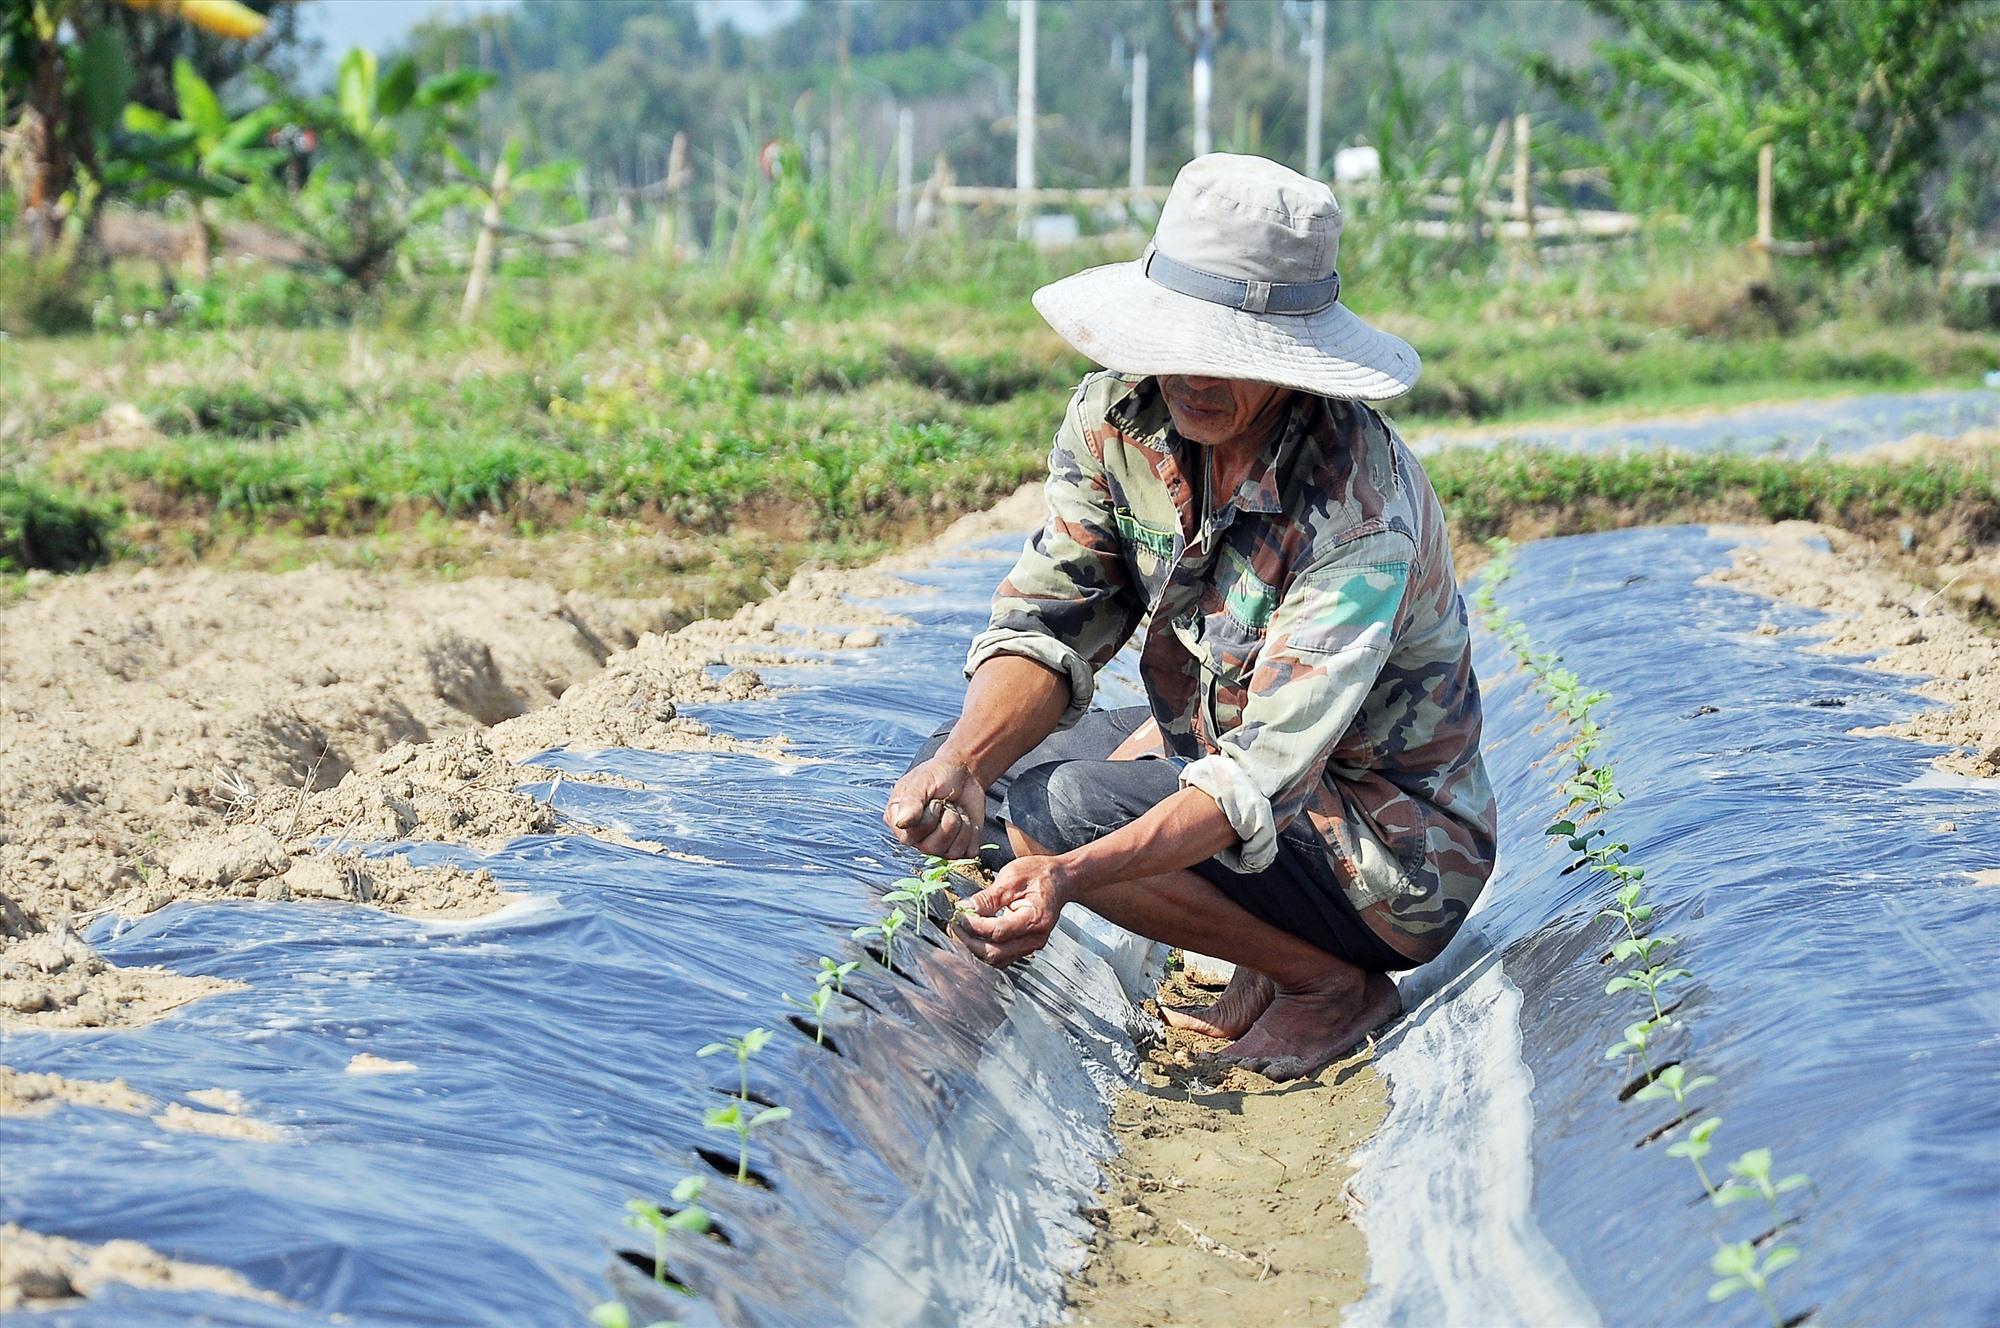 Ông Huỳnh Quang Lộc (xã Tam Phước, Phú Ninh) chăm sóc diện tích dưa hấu vụ đông xuân 2019 - 2020. Ảnh: VINH ANH